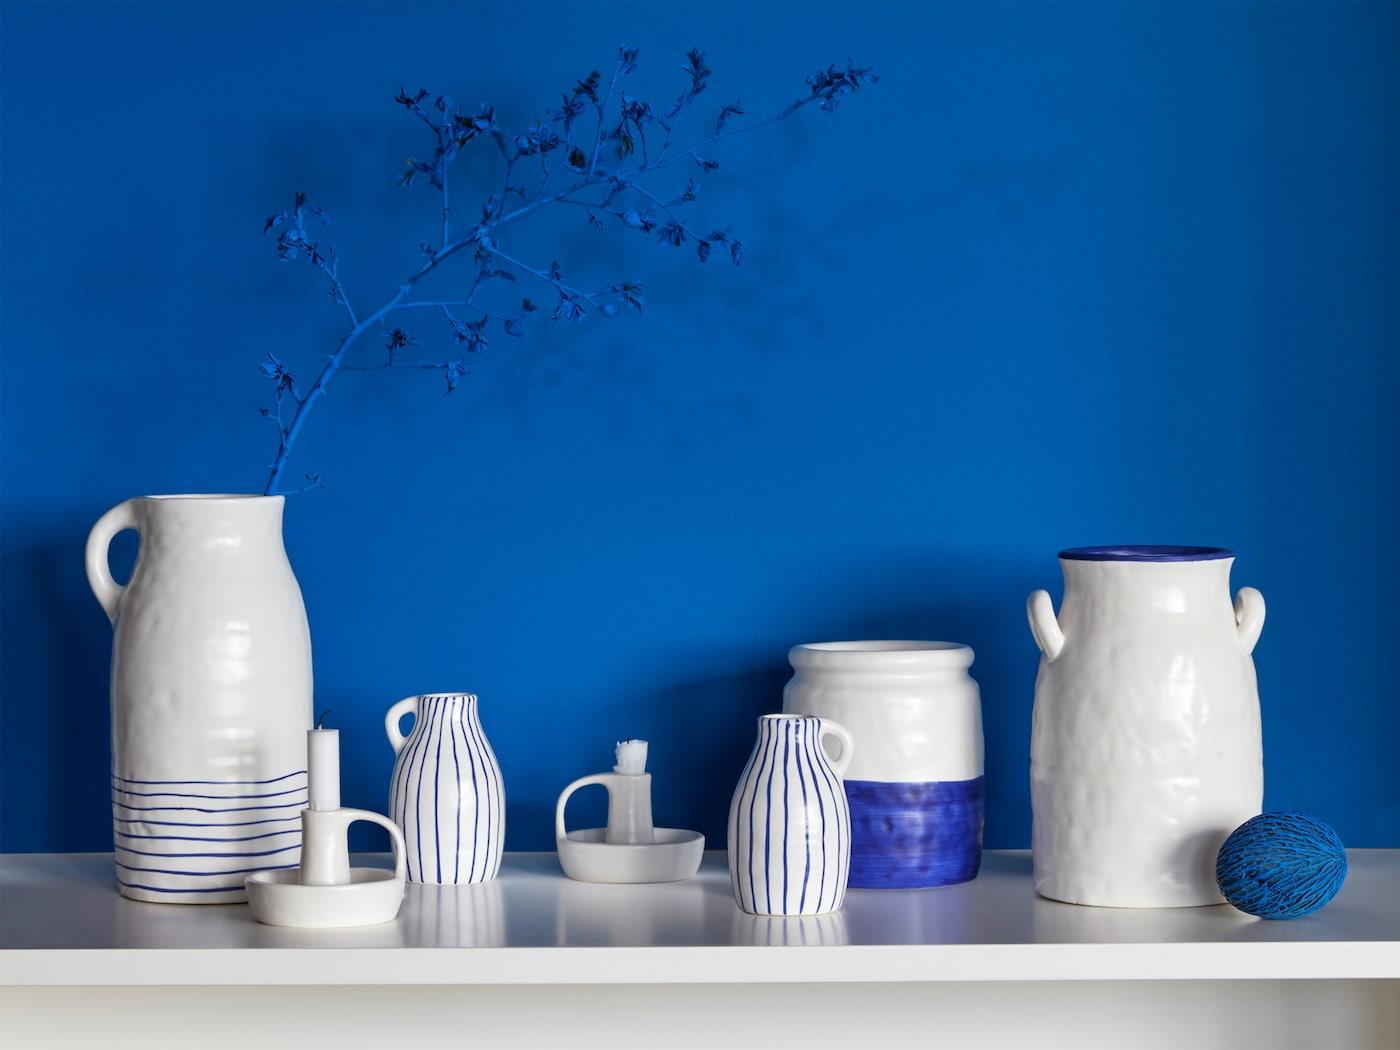 Verschiedene Formen der GODTAGBAR Vasen und Kerzenständer in Blau und Weiss aus handbemaltem Steingut.